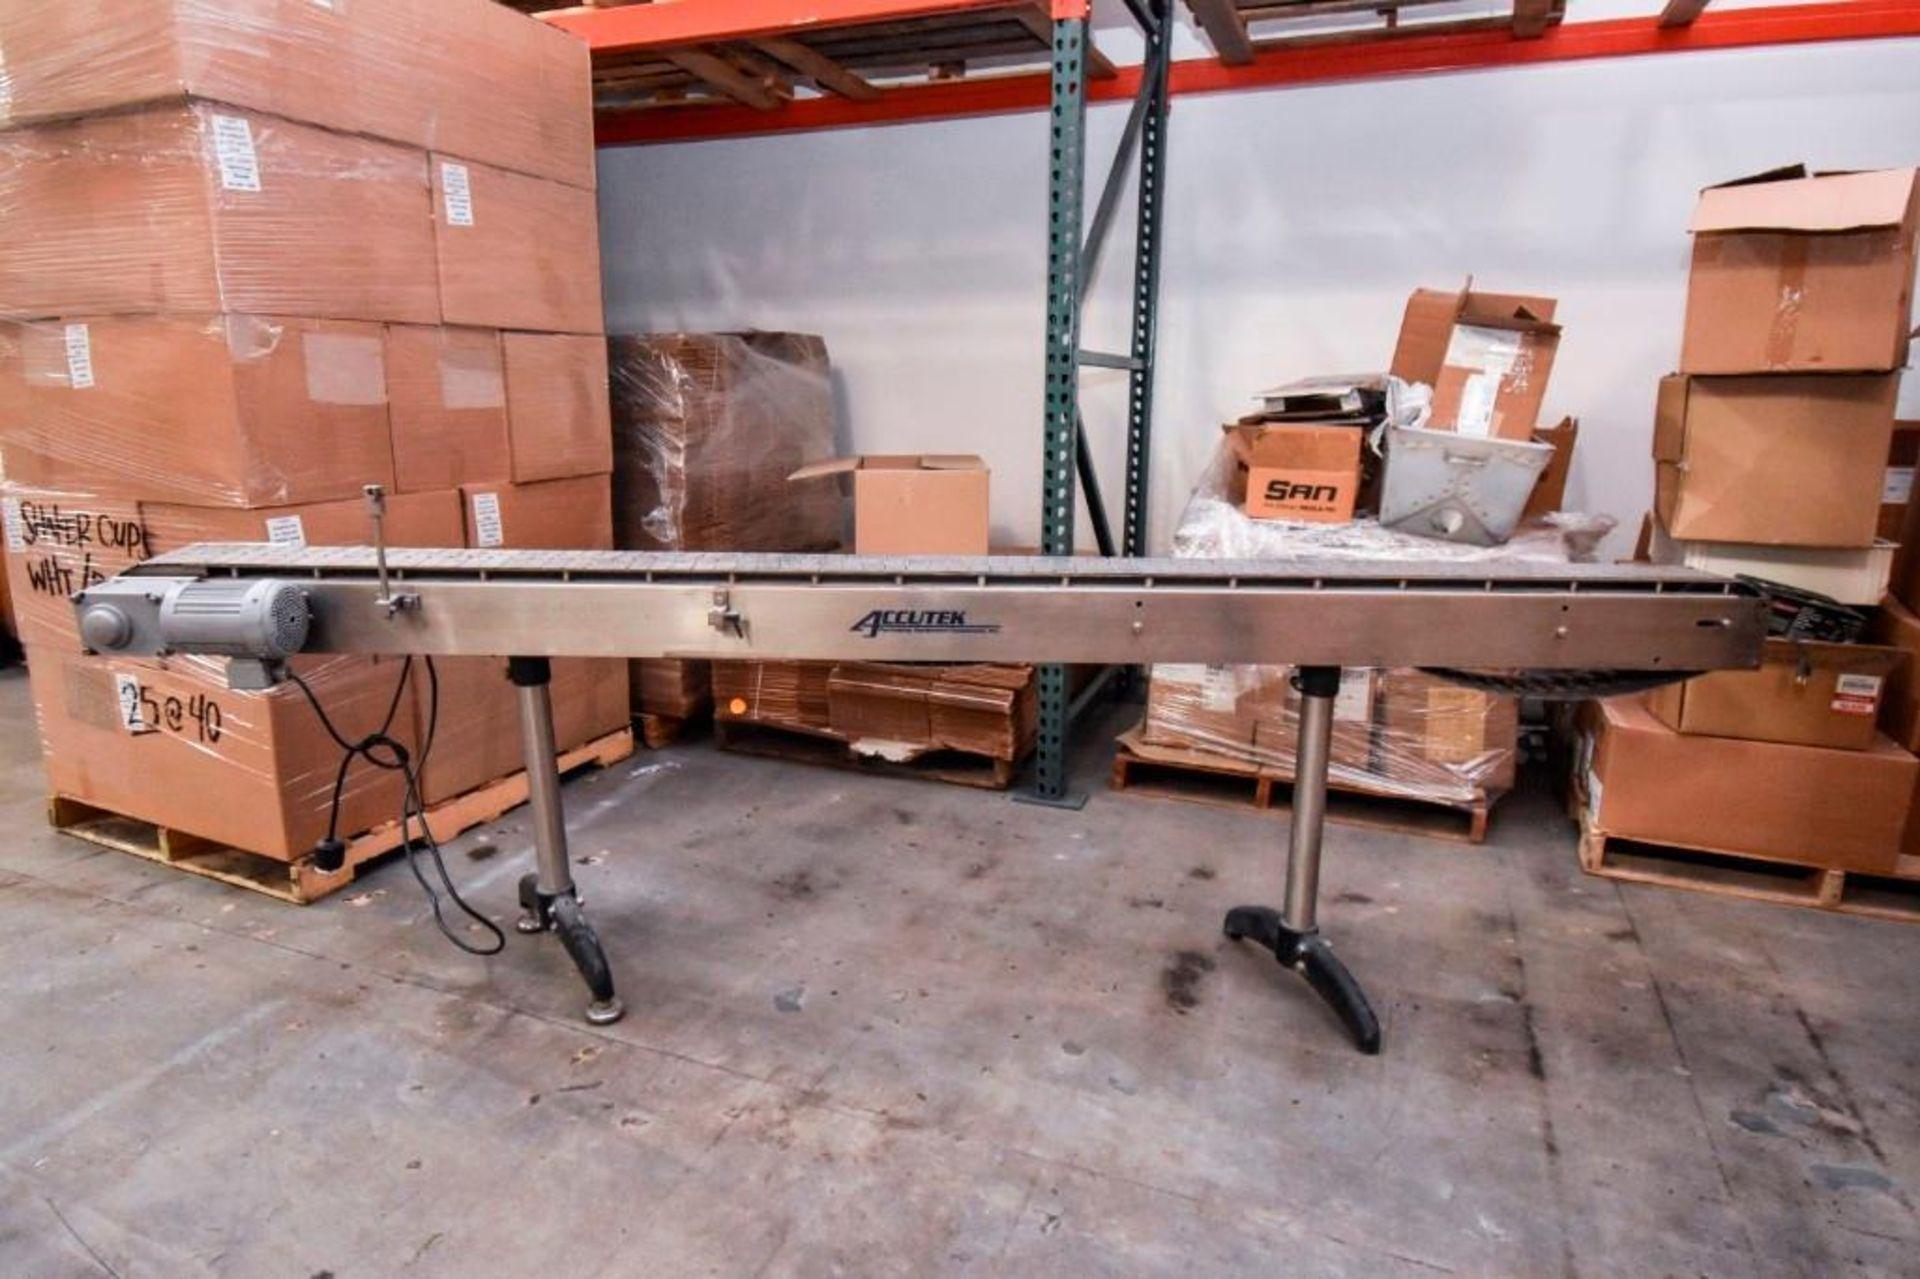 Accutek Variable Speed Conveyor